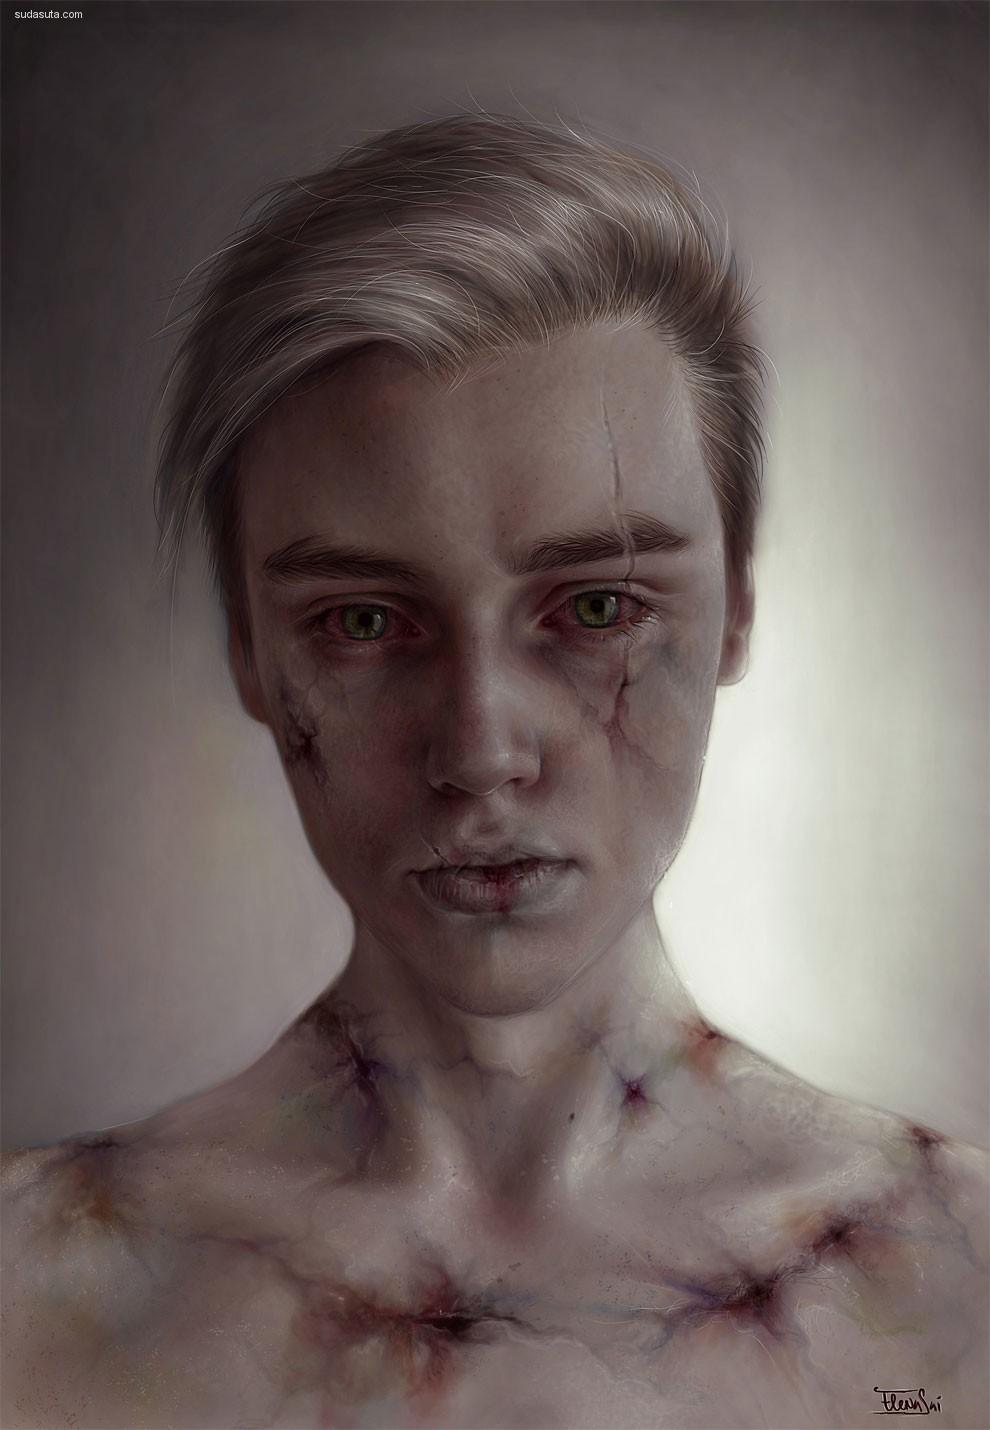 Elena Sai 被伤害的面孔